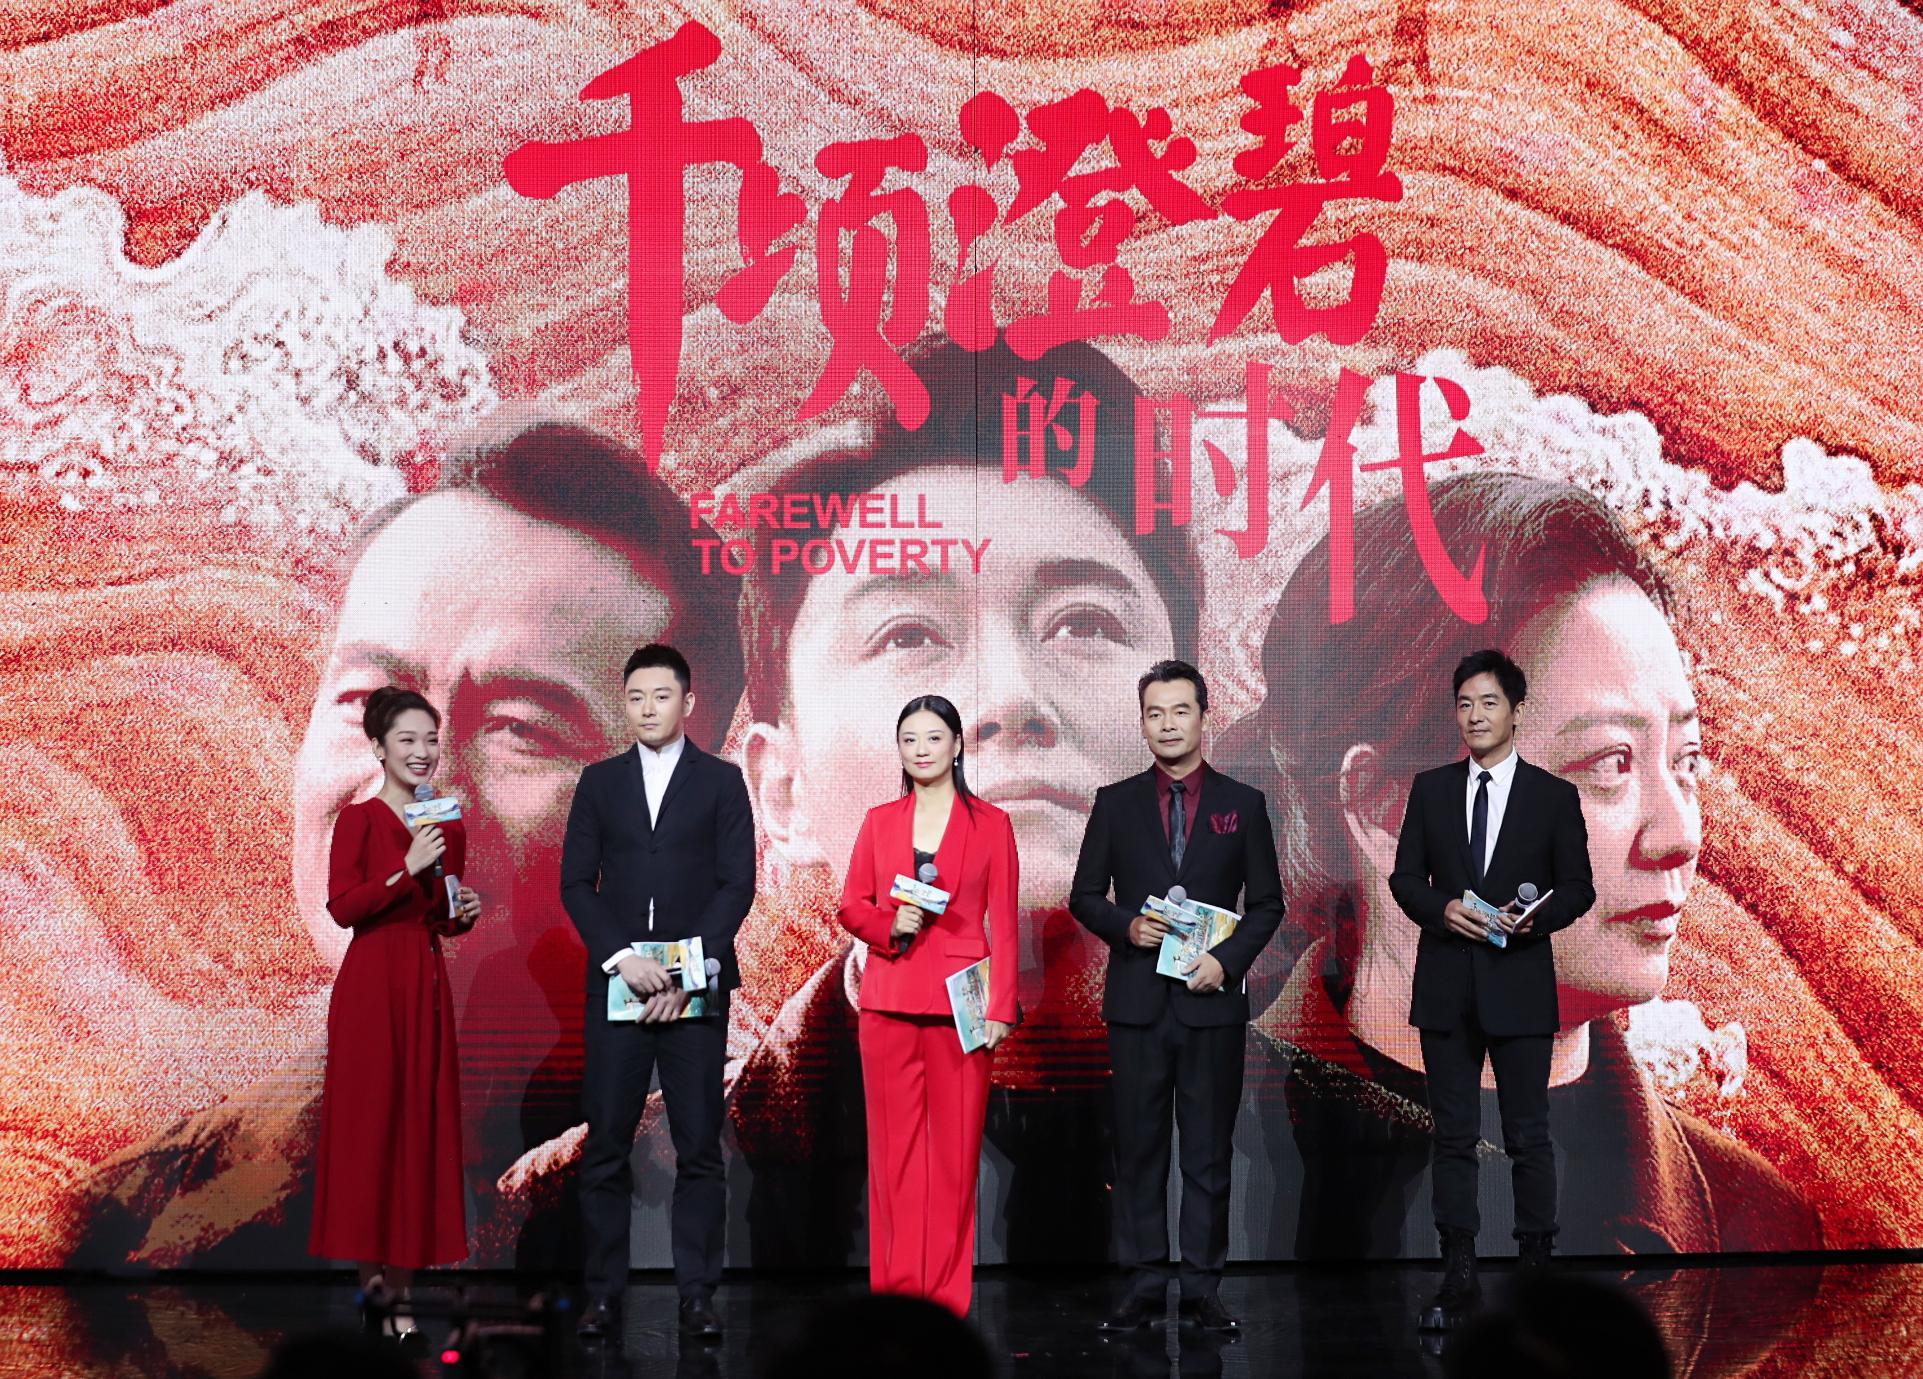 电影《千顷澄碧的时代》将于2月26日上映